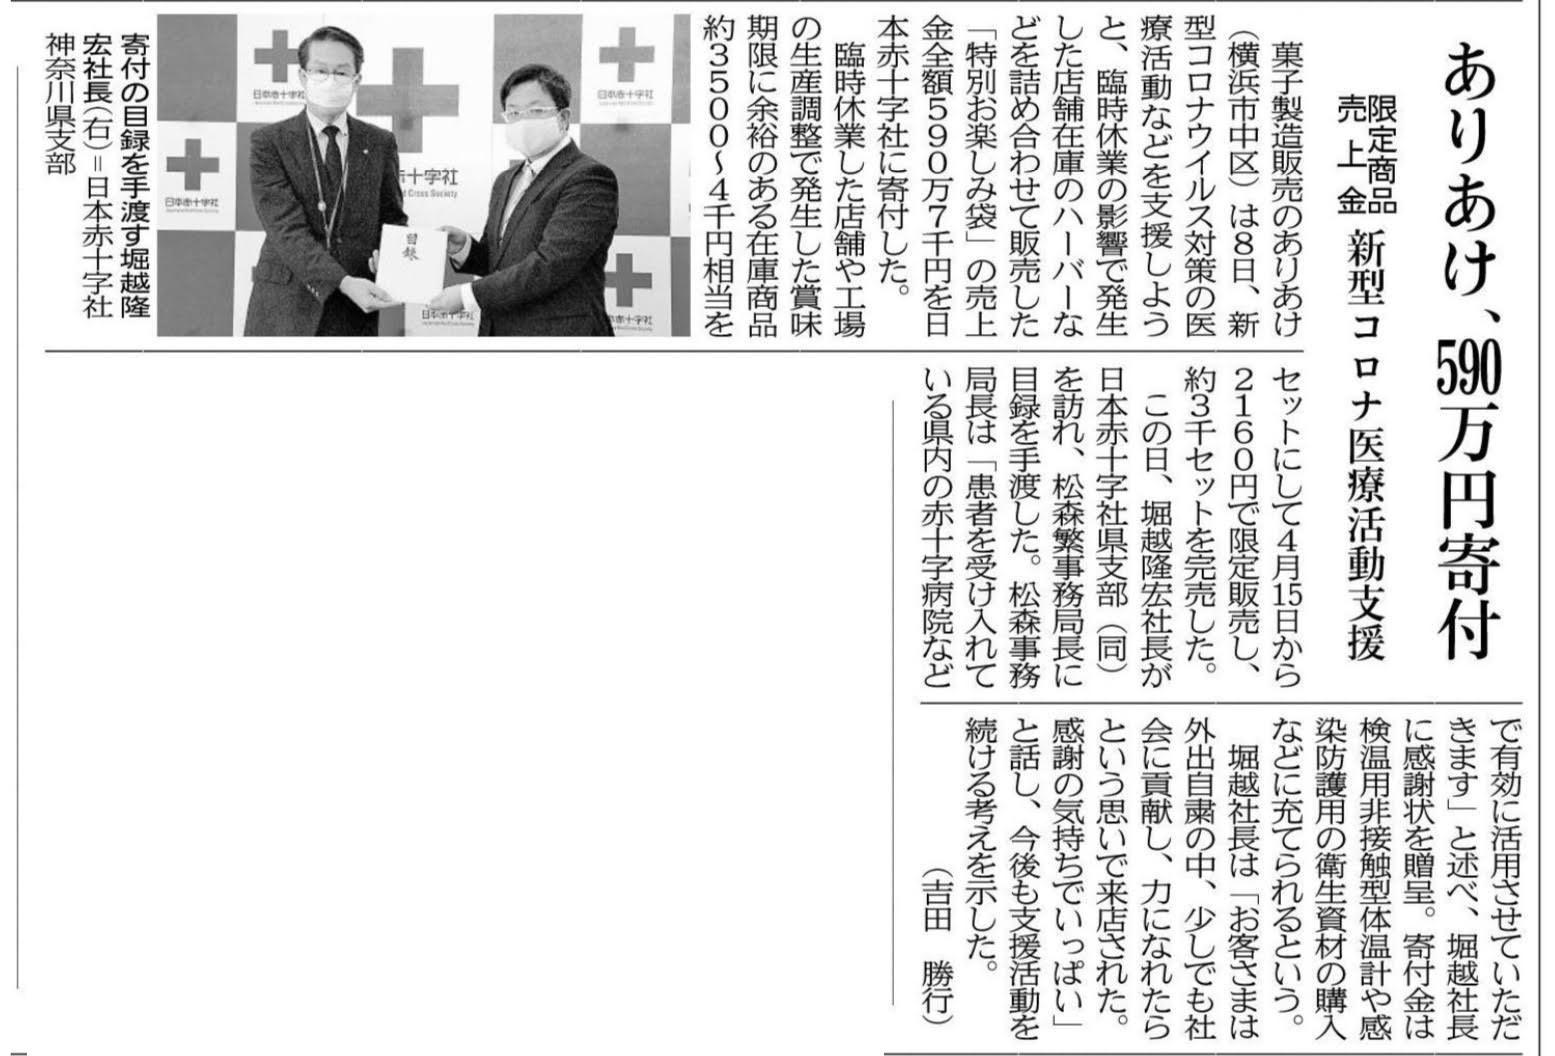 2020年5月9日 神奈川新聞「感謝状授与式・新型コロナ対策医療等赤十字活動支援」記事掲載